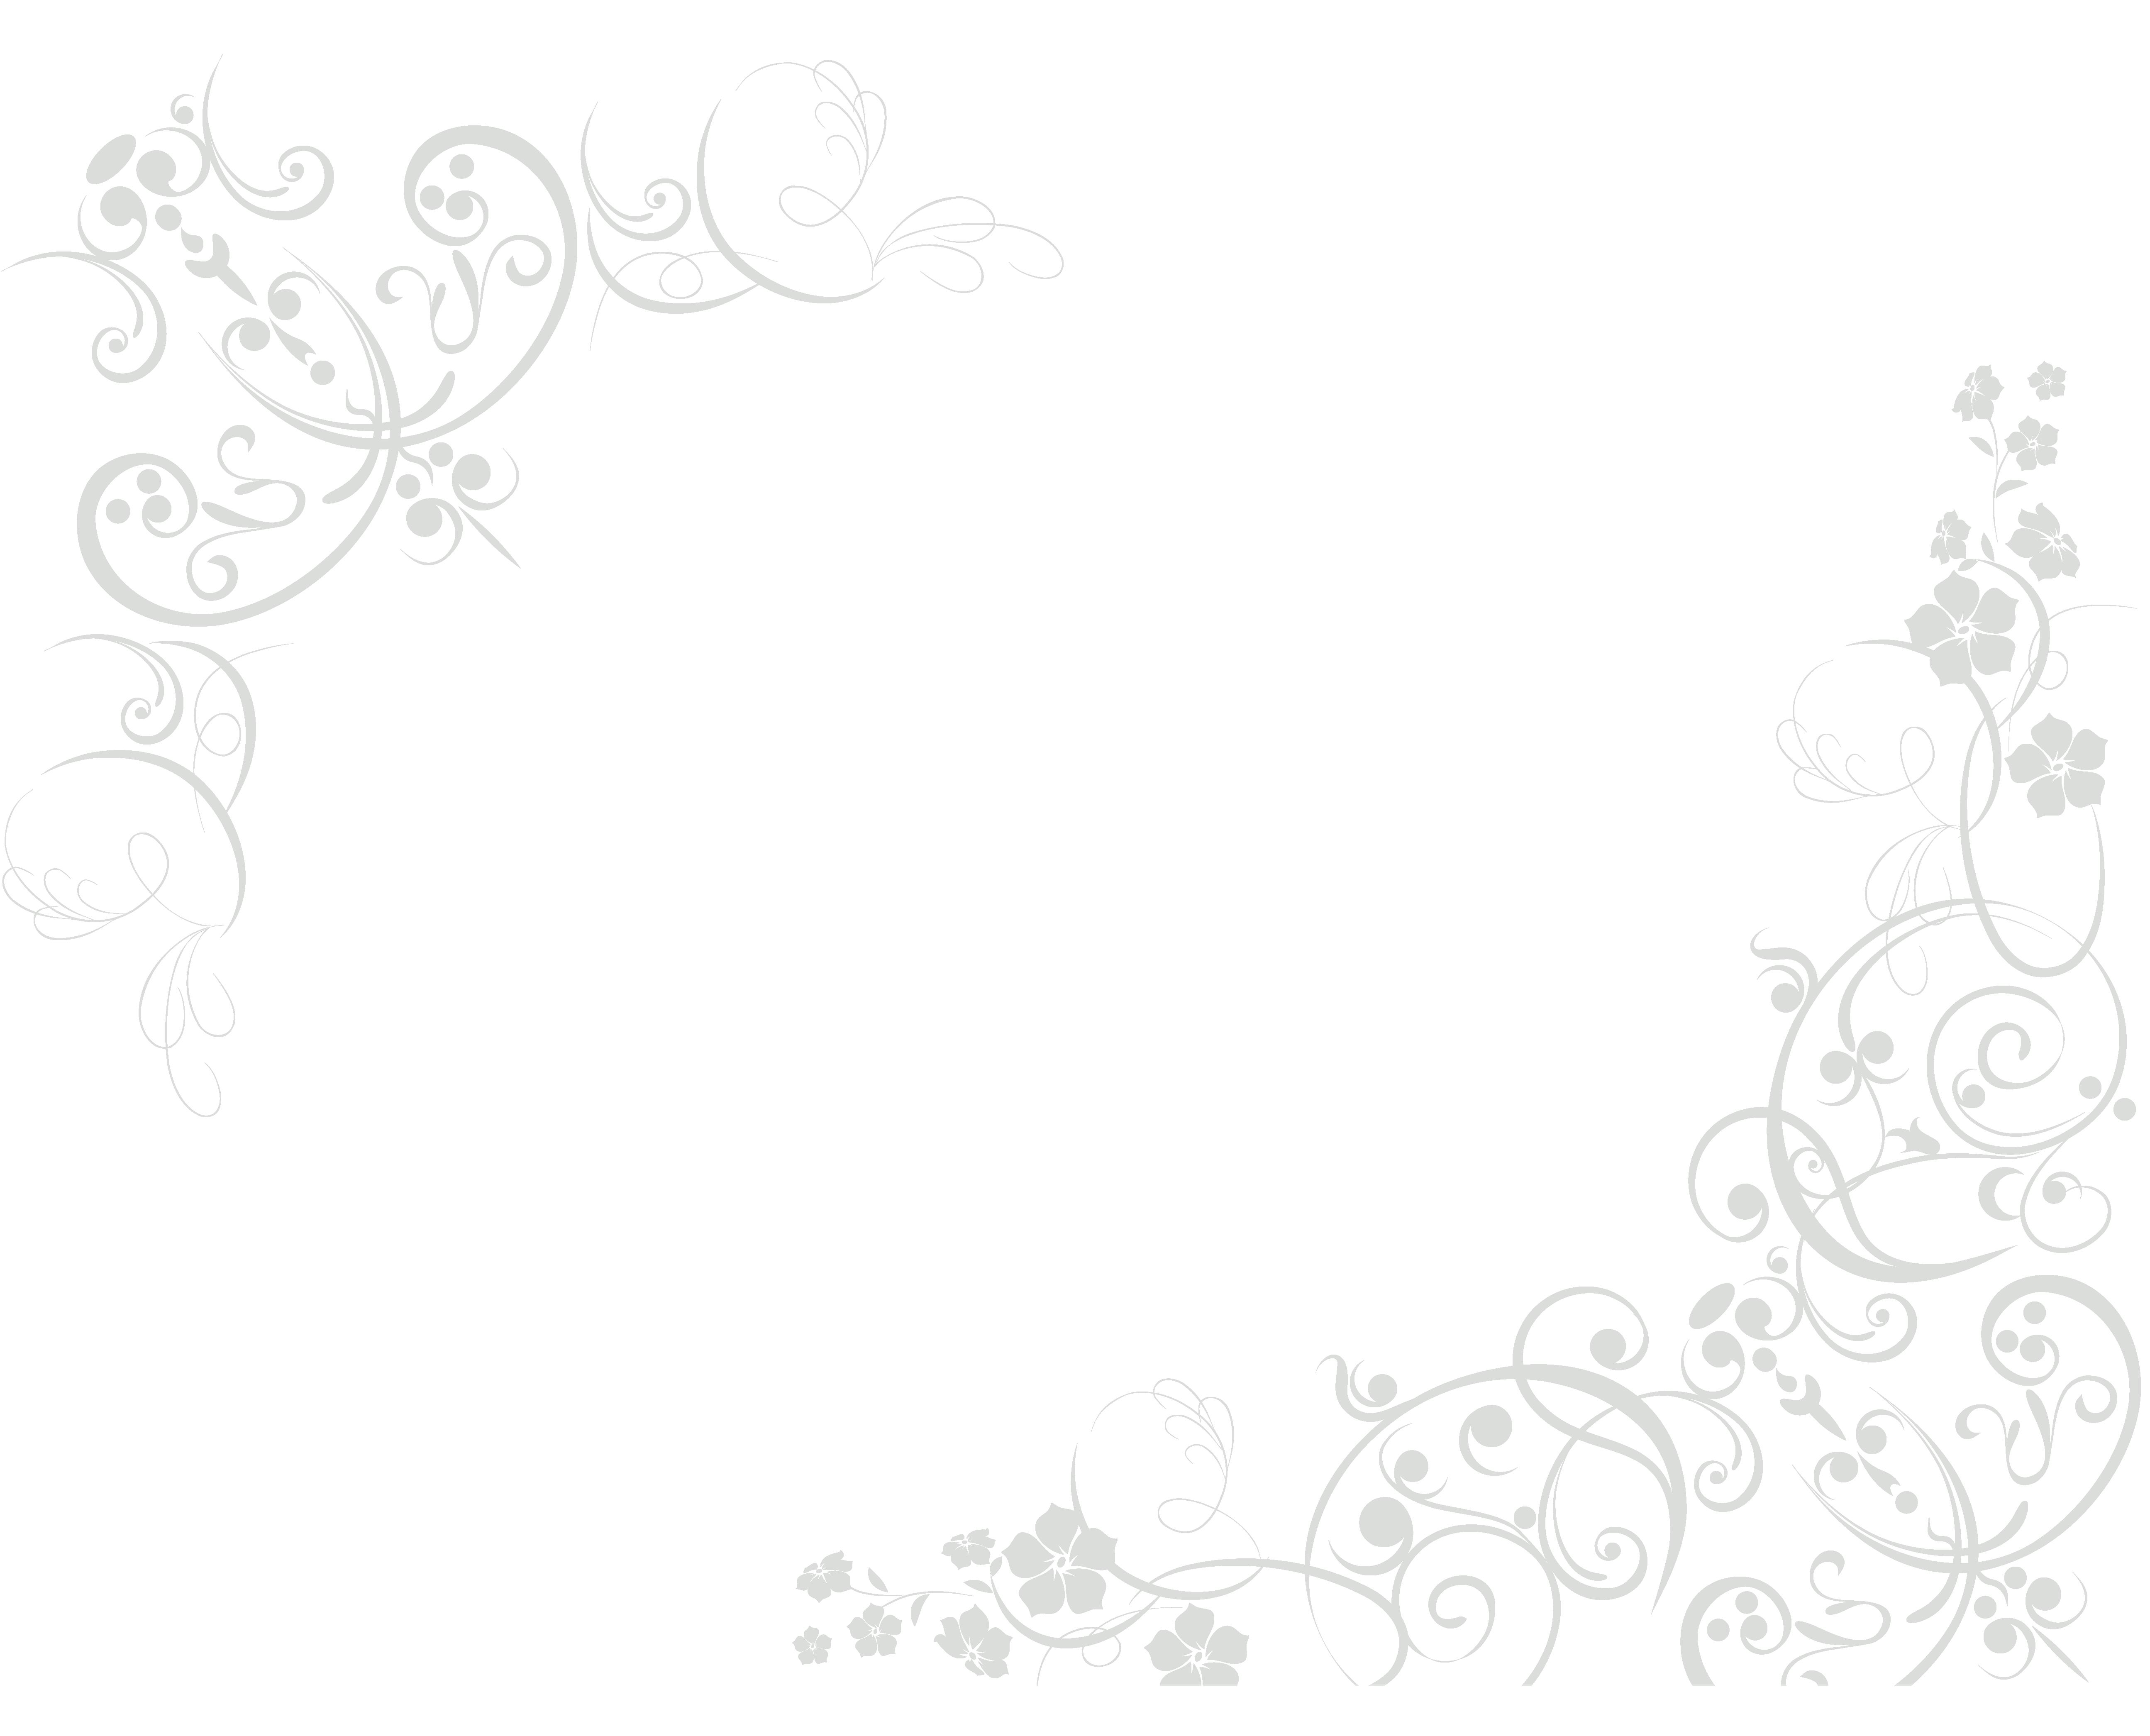 белый фон картинки уголки для ролевых зон помощью них можно